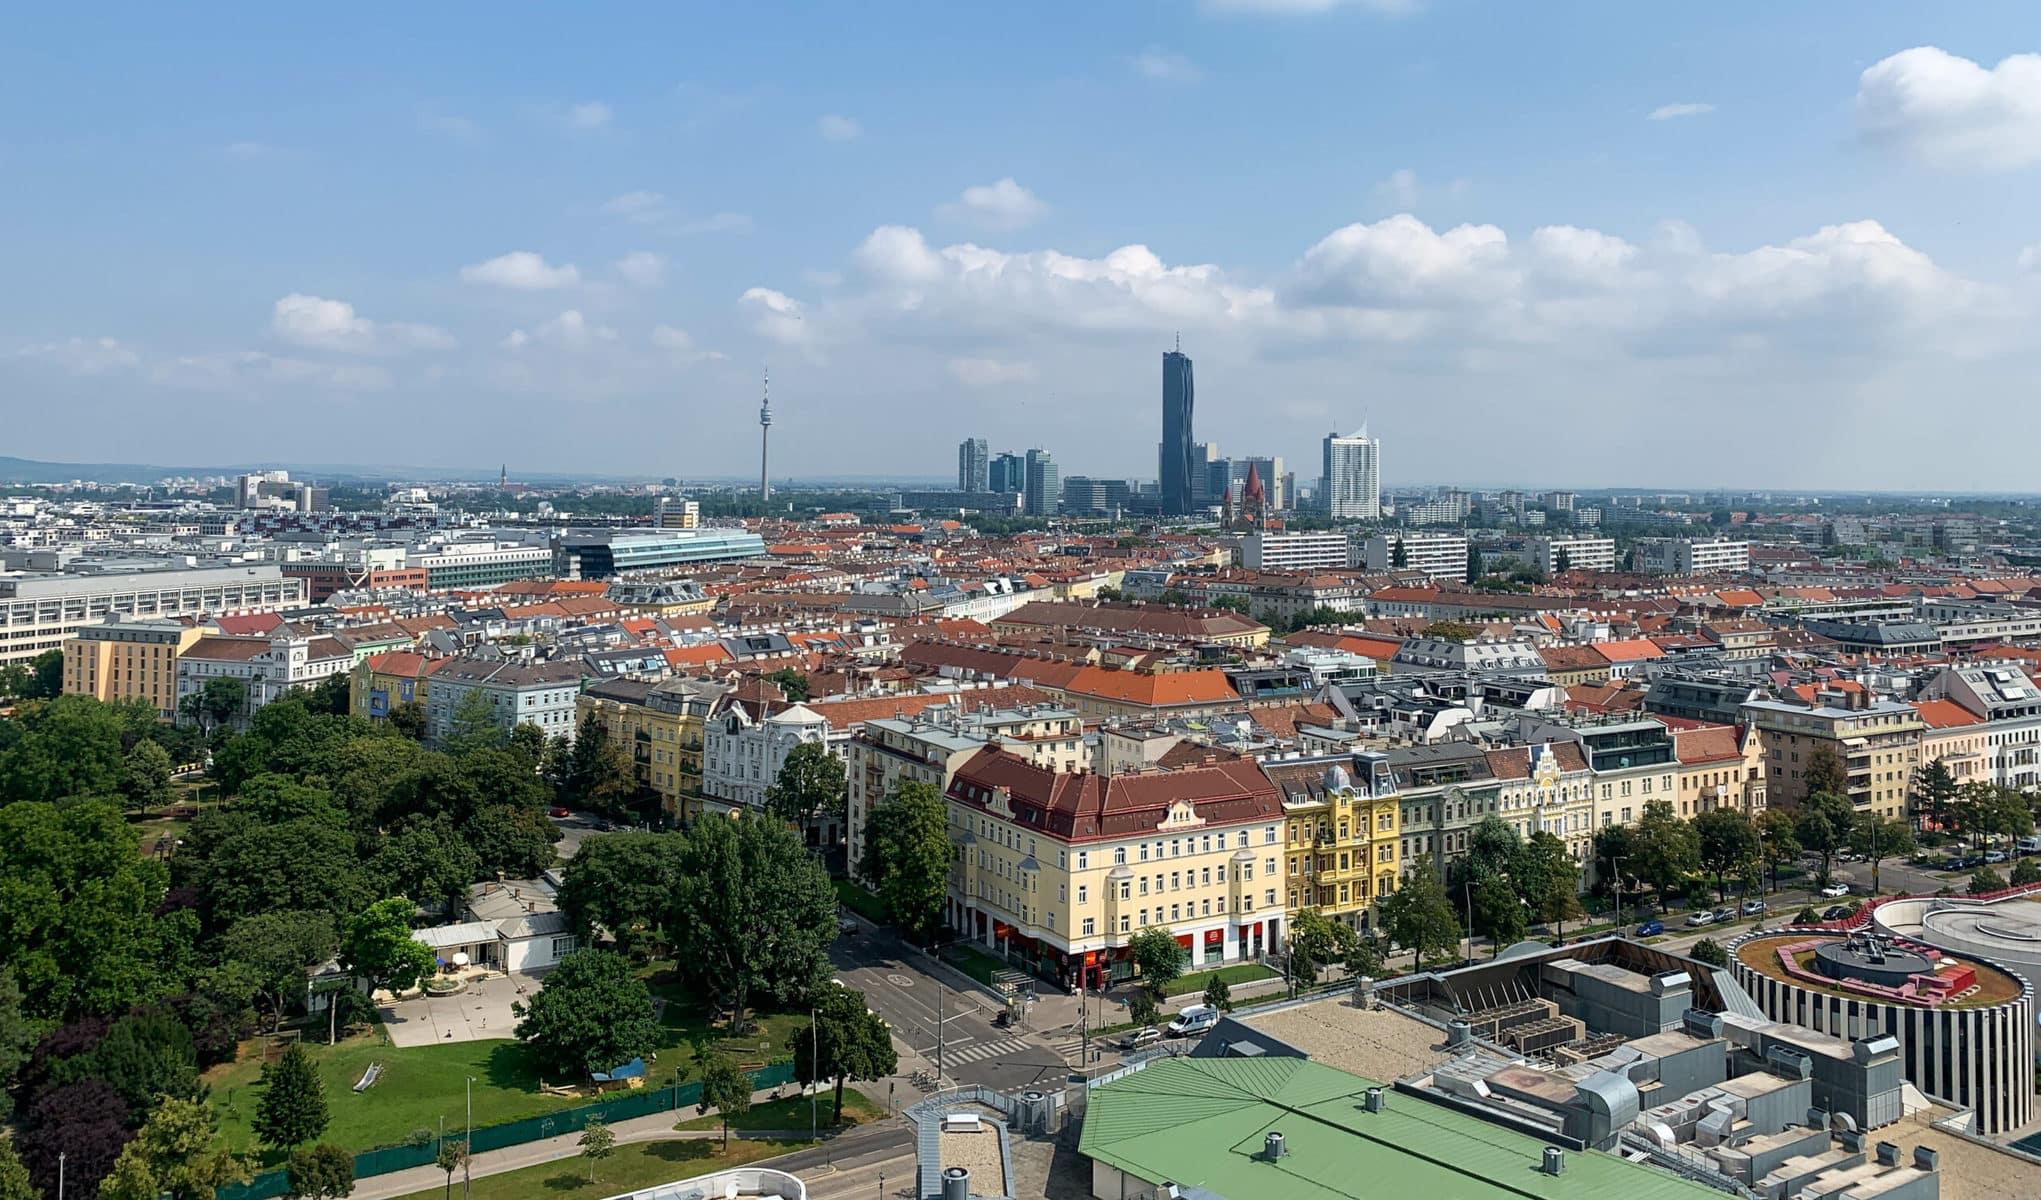 Prater, Wien